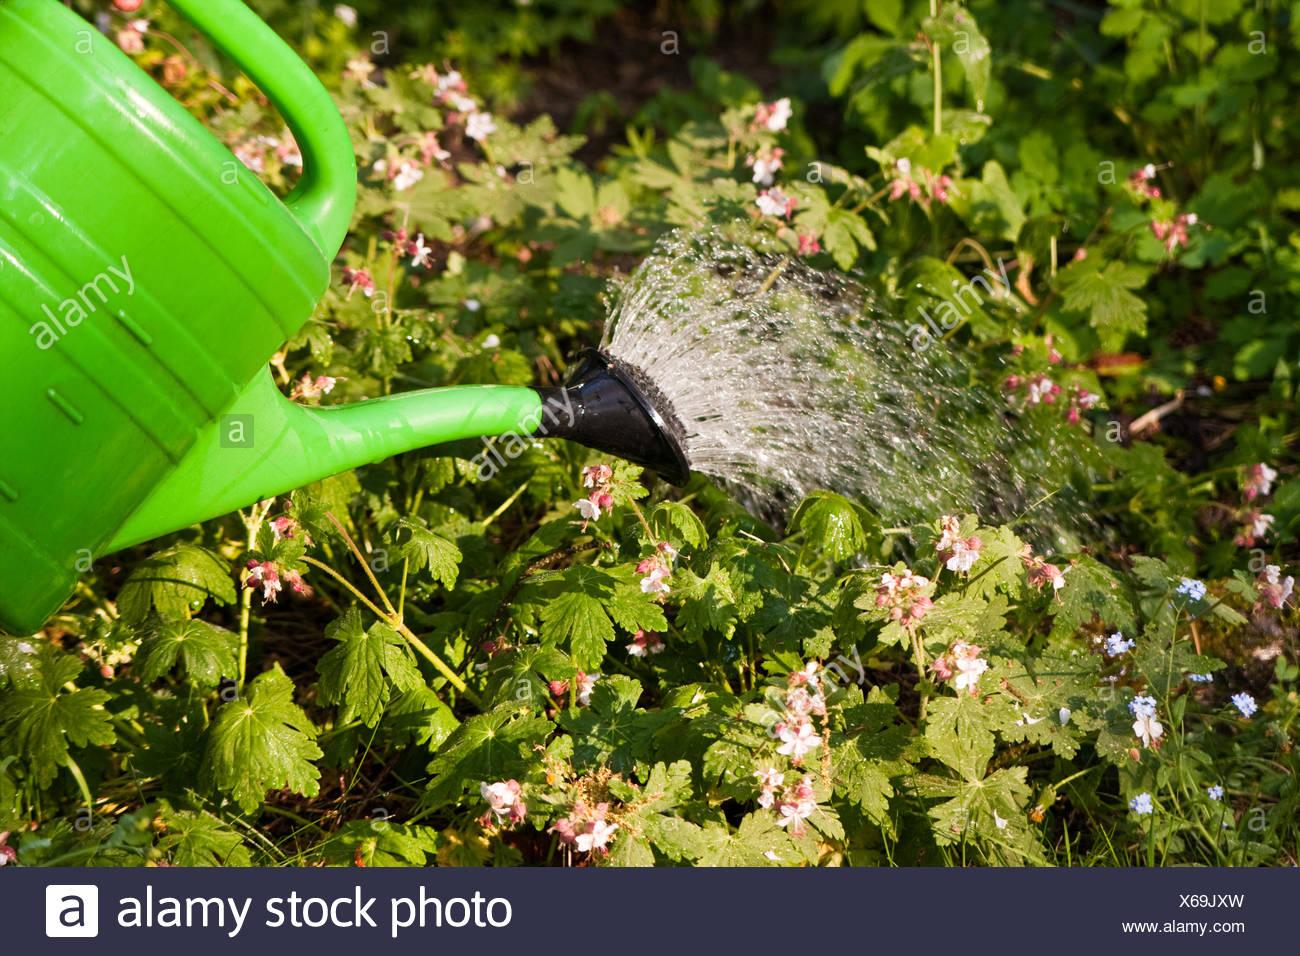 Elefant Gießkanne Sprinkler Garten Gewächshaus  Zimmerpflanzen Garten Sprinkler